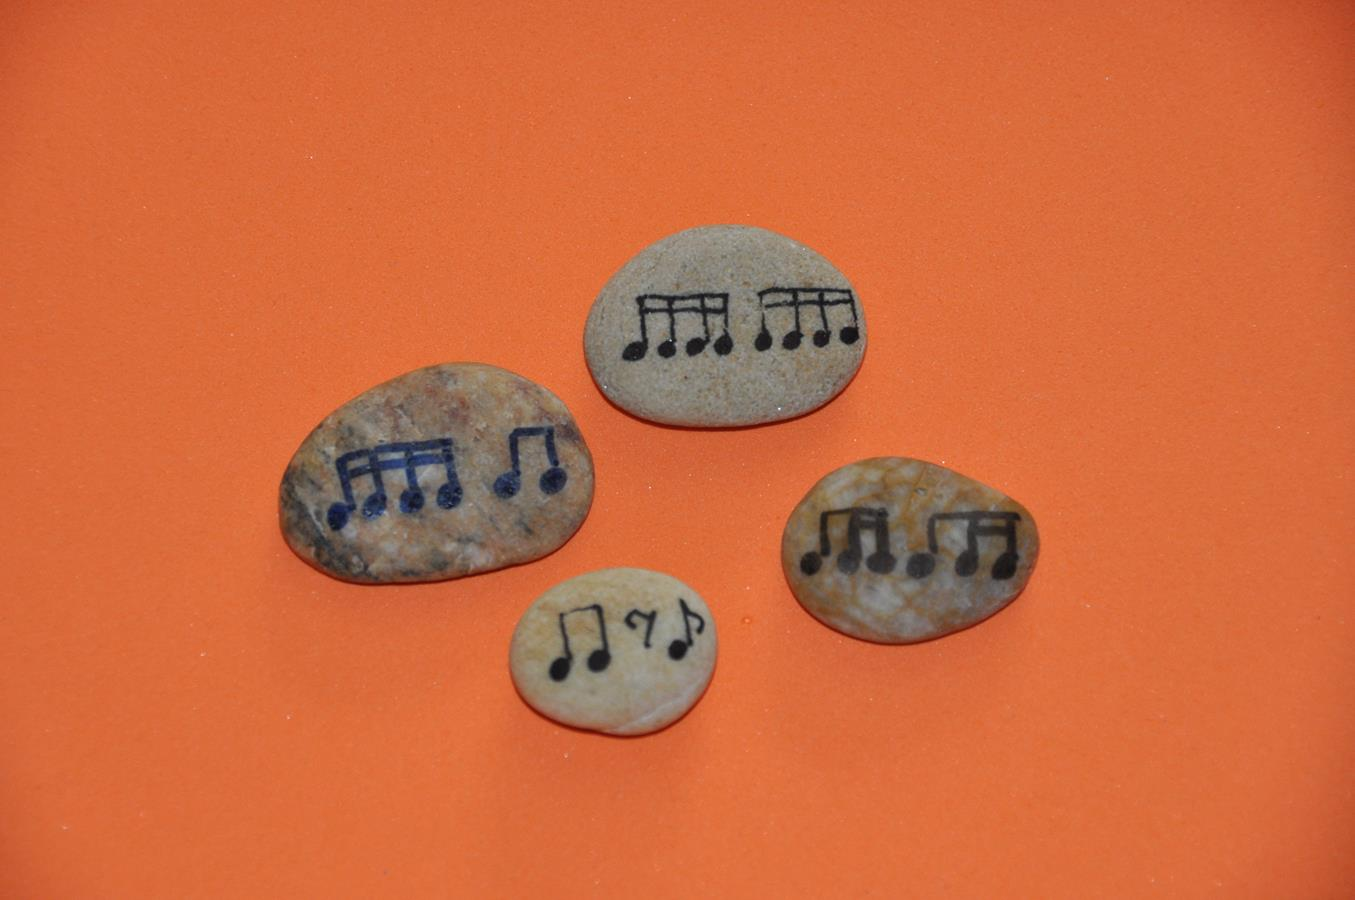 Nuty na kamieniach